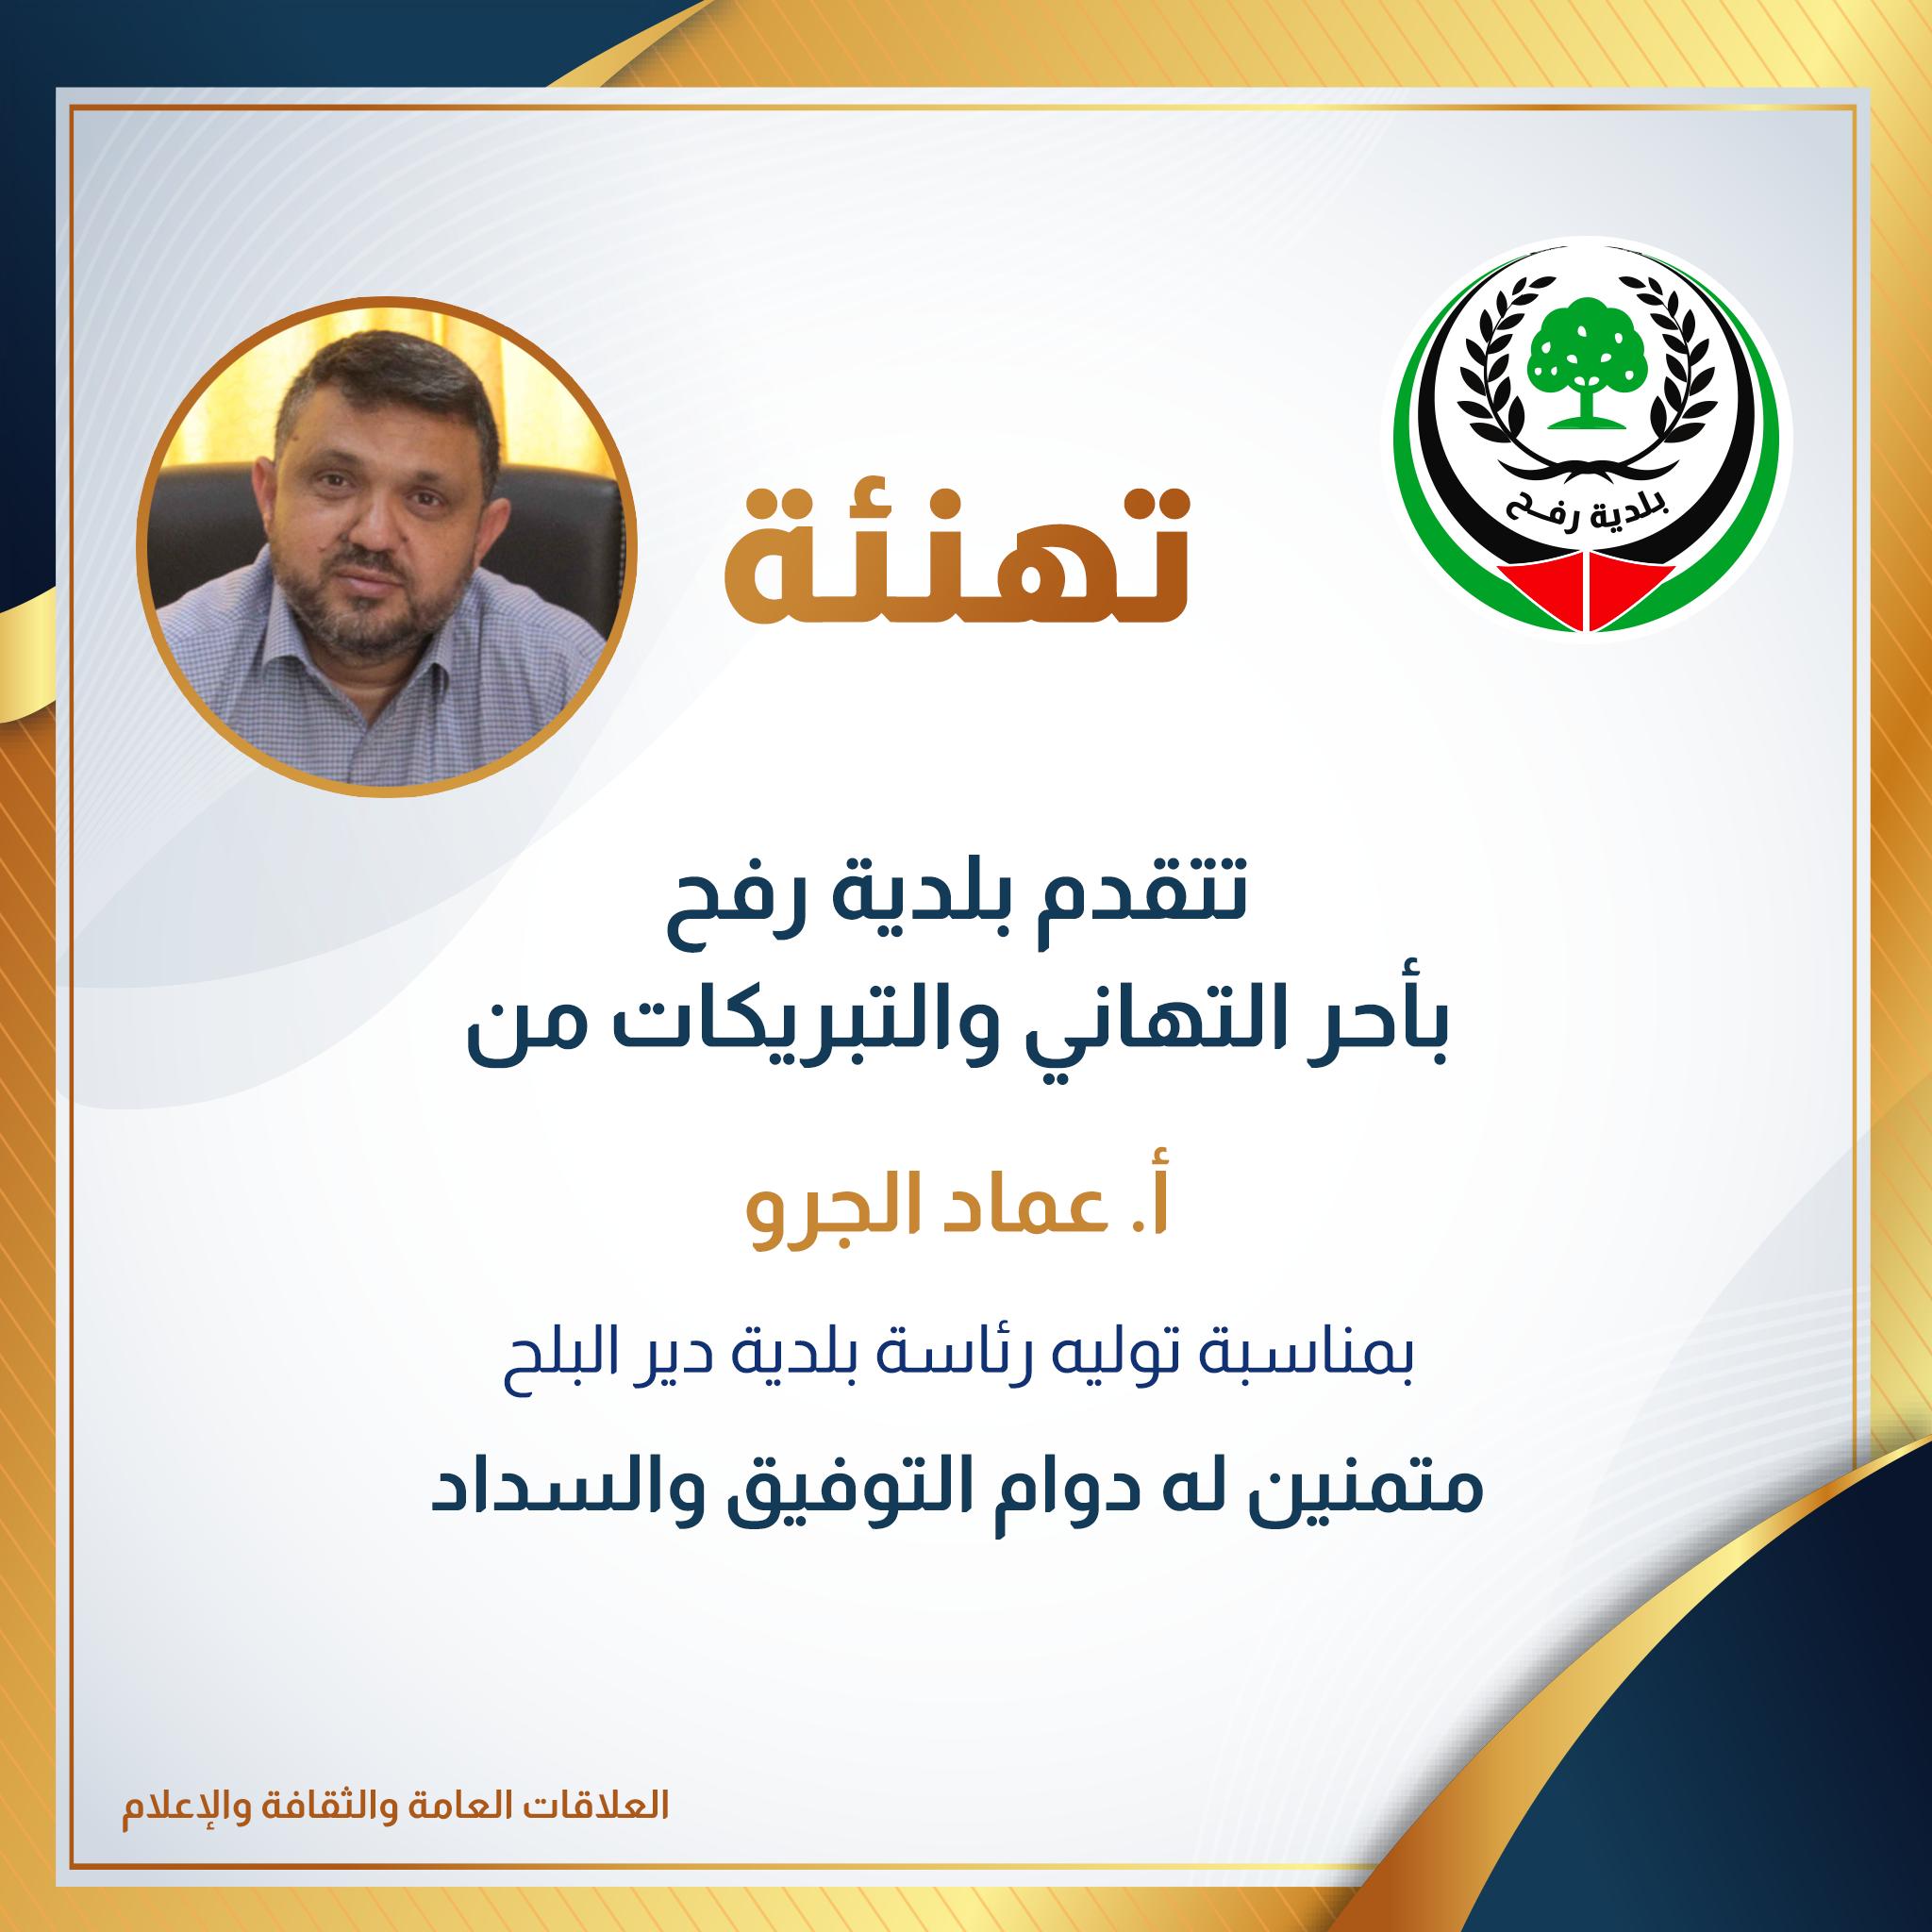 تهنئة أ. عماد الجرو بمناسبة توليه منصب رئيس بلدية دير البلح